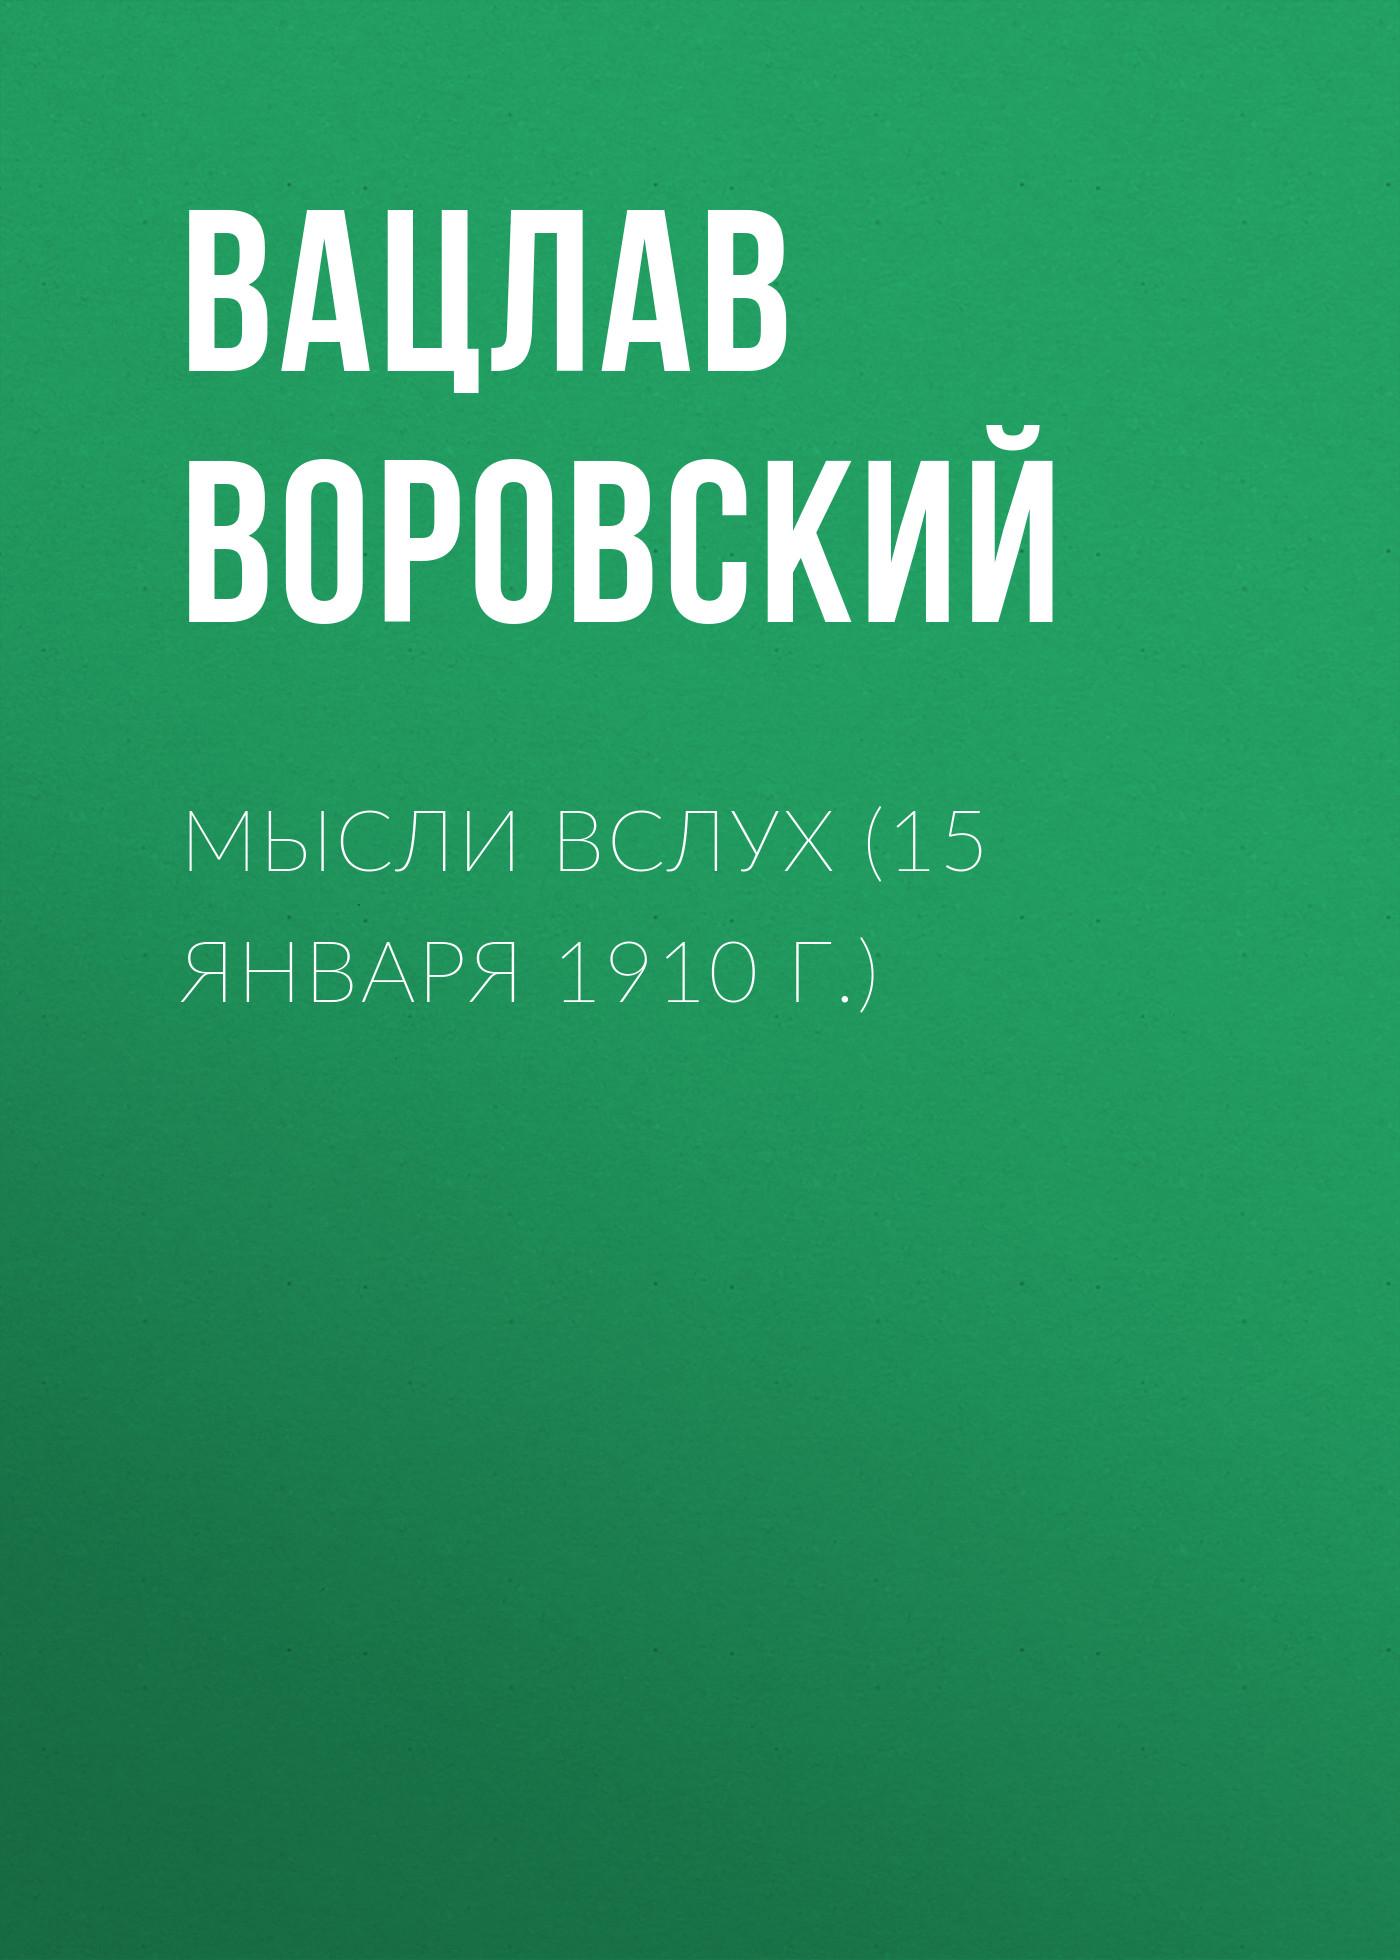 Вацлав Воровский Мысли вслух (15 января 1910 г.) вацлав воровский мысли вслух 15 января 1910 г